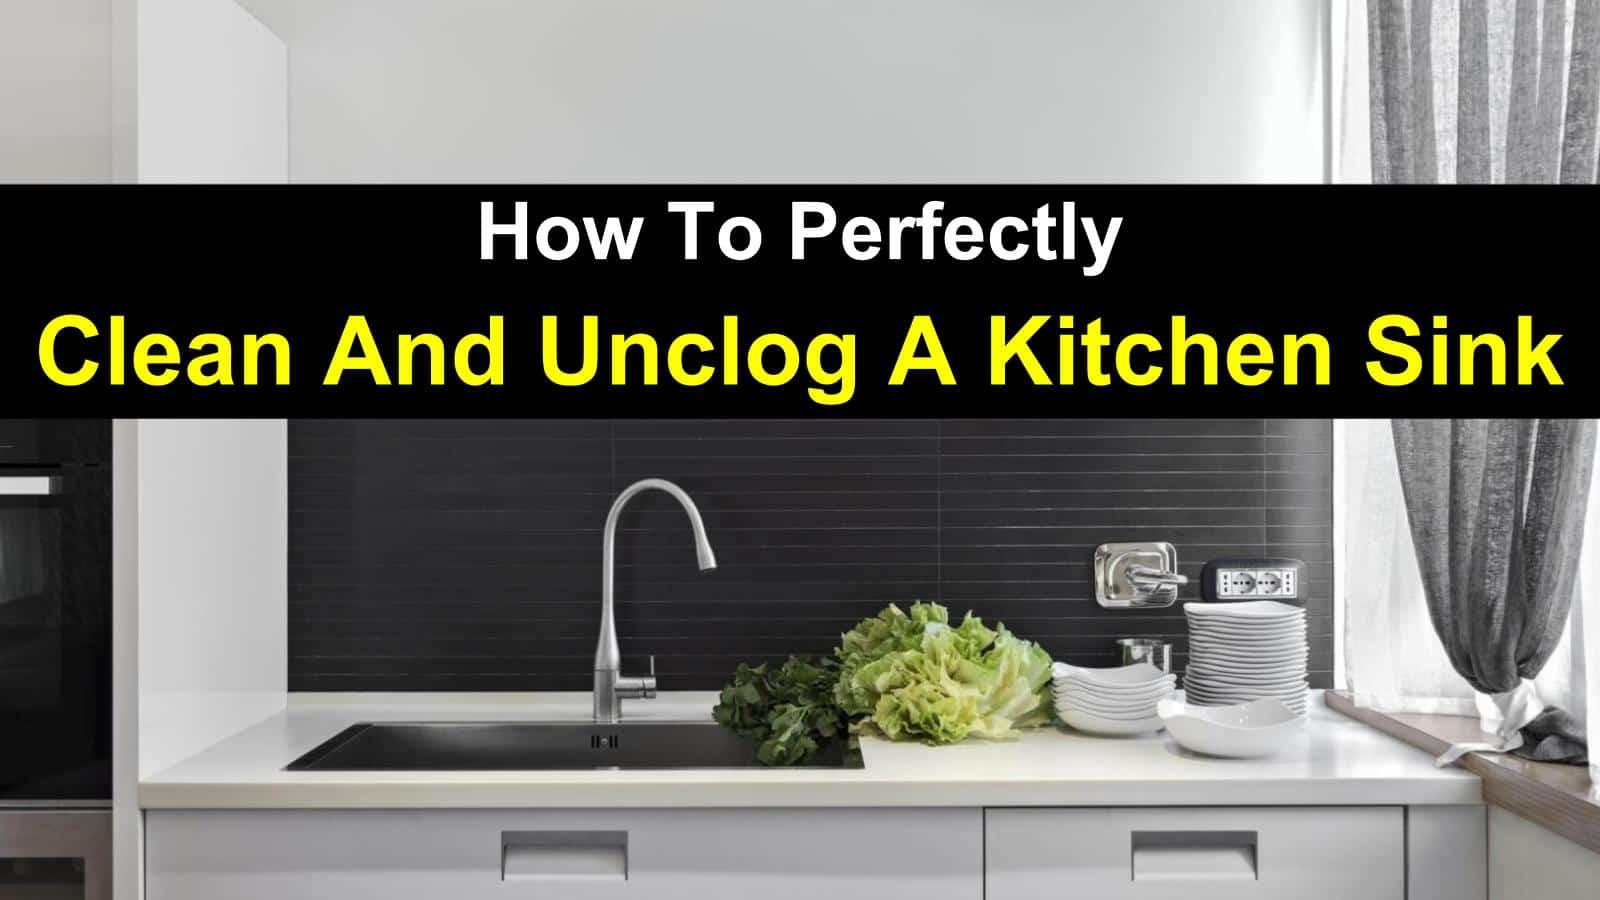 unclog clean a kitchen sink